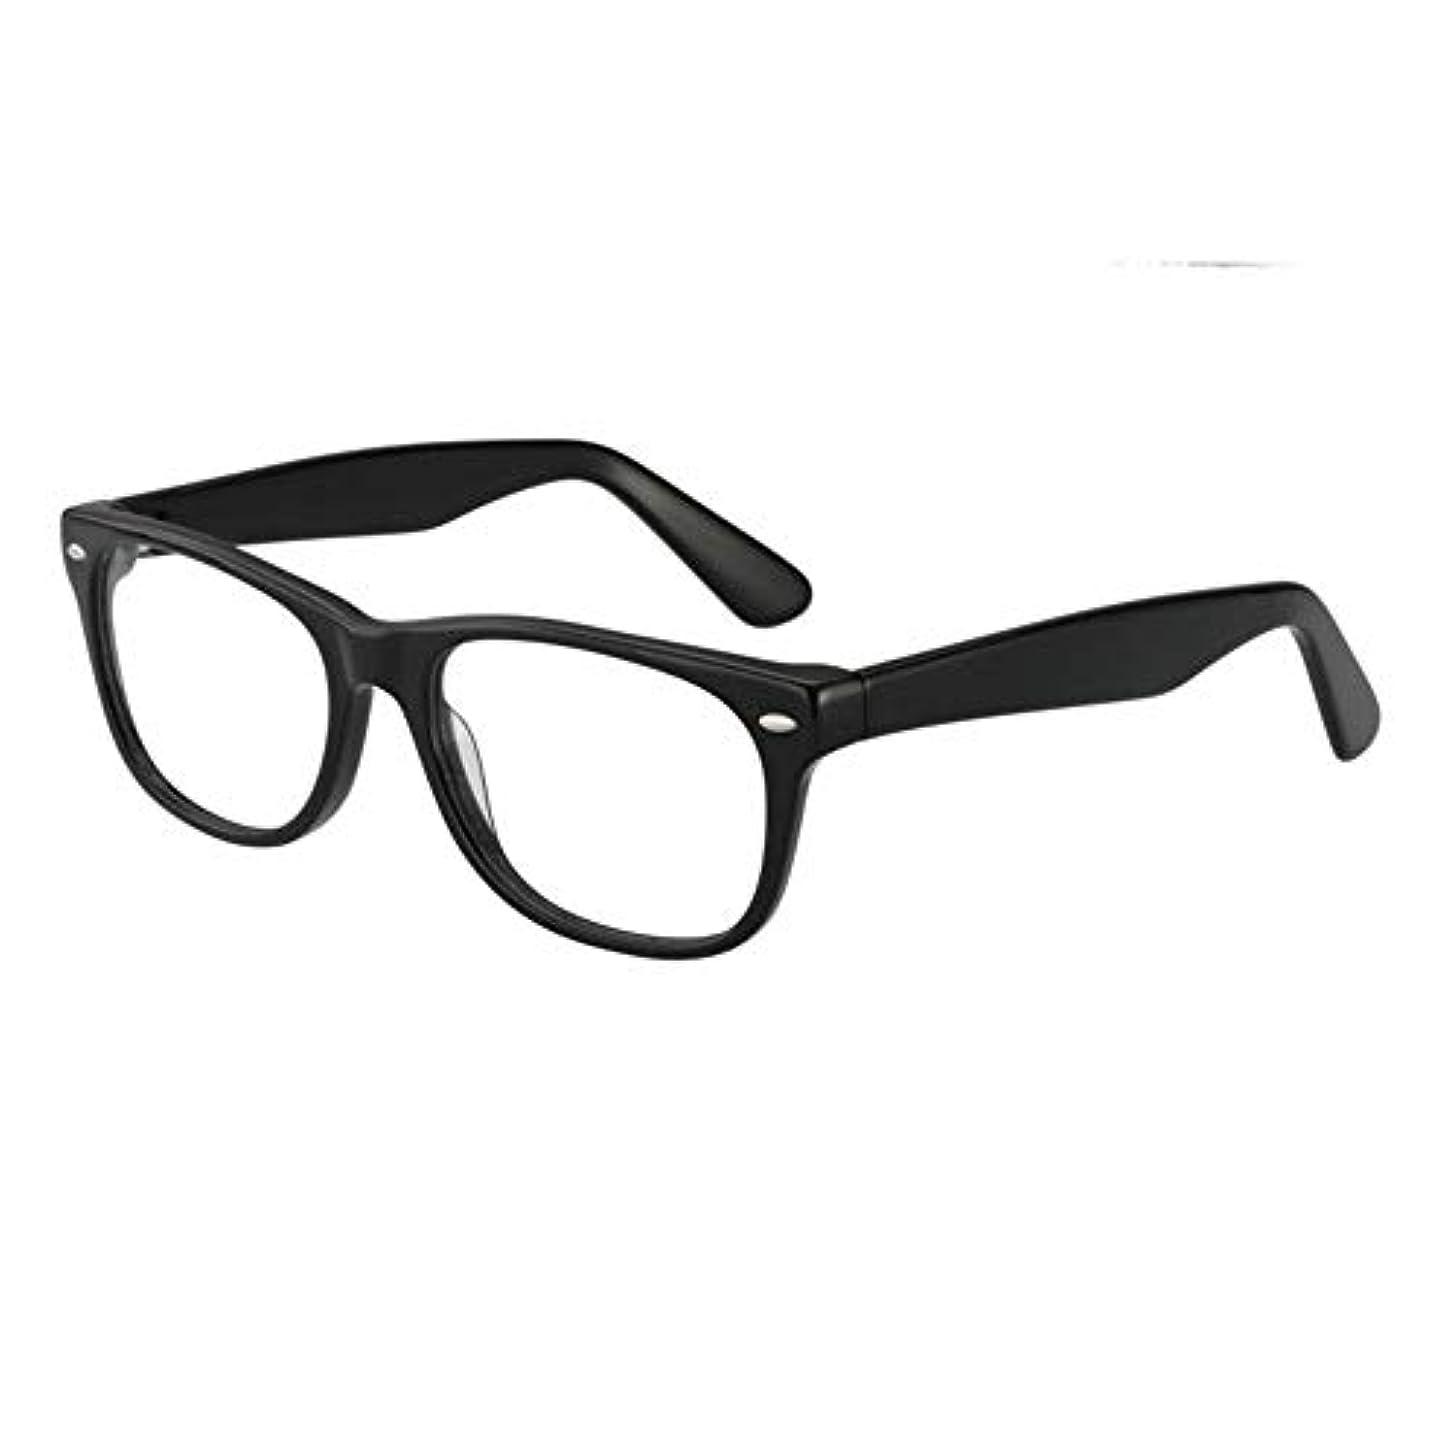 キャプション実行可能ドラムスマート老眼鏡抗疲労、屋外変色性樹脂耐放射線サングラス、高精細UV老眼鏡、両親の最高の贈り物ZDDAB